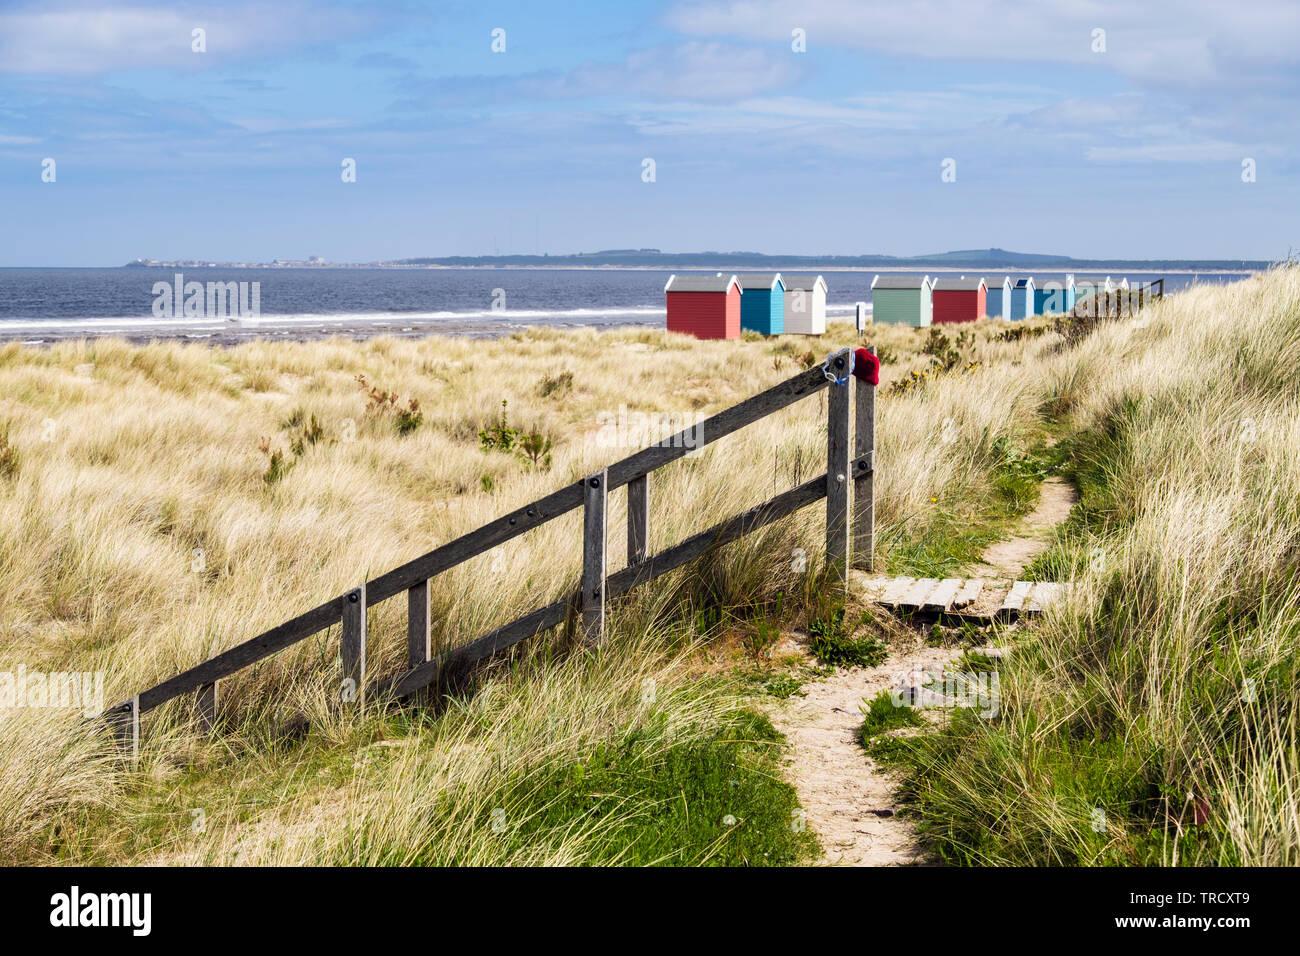 Camino a través de dunas y una escalera de madera que conduce a la playa con coloridas casetas de playa en la costa de Moray Firth. Findhorn, Moray, Escocia, Reino Unido, Gran Bretaña Foto de stock